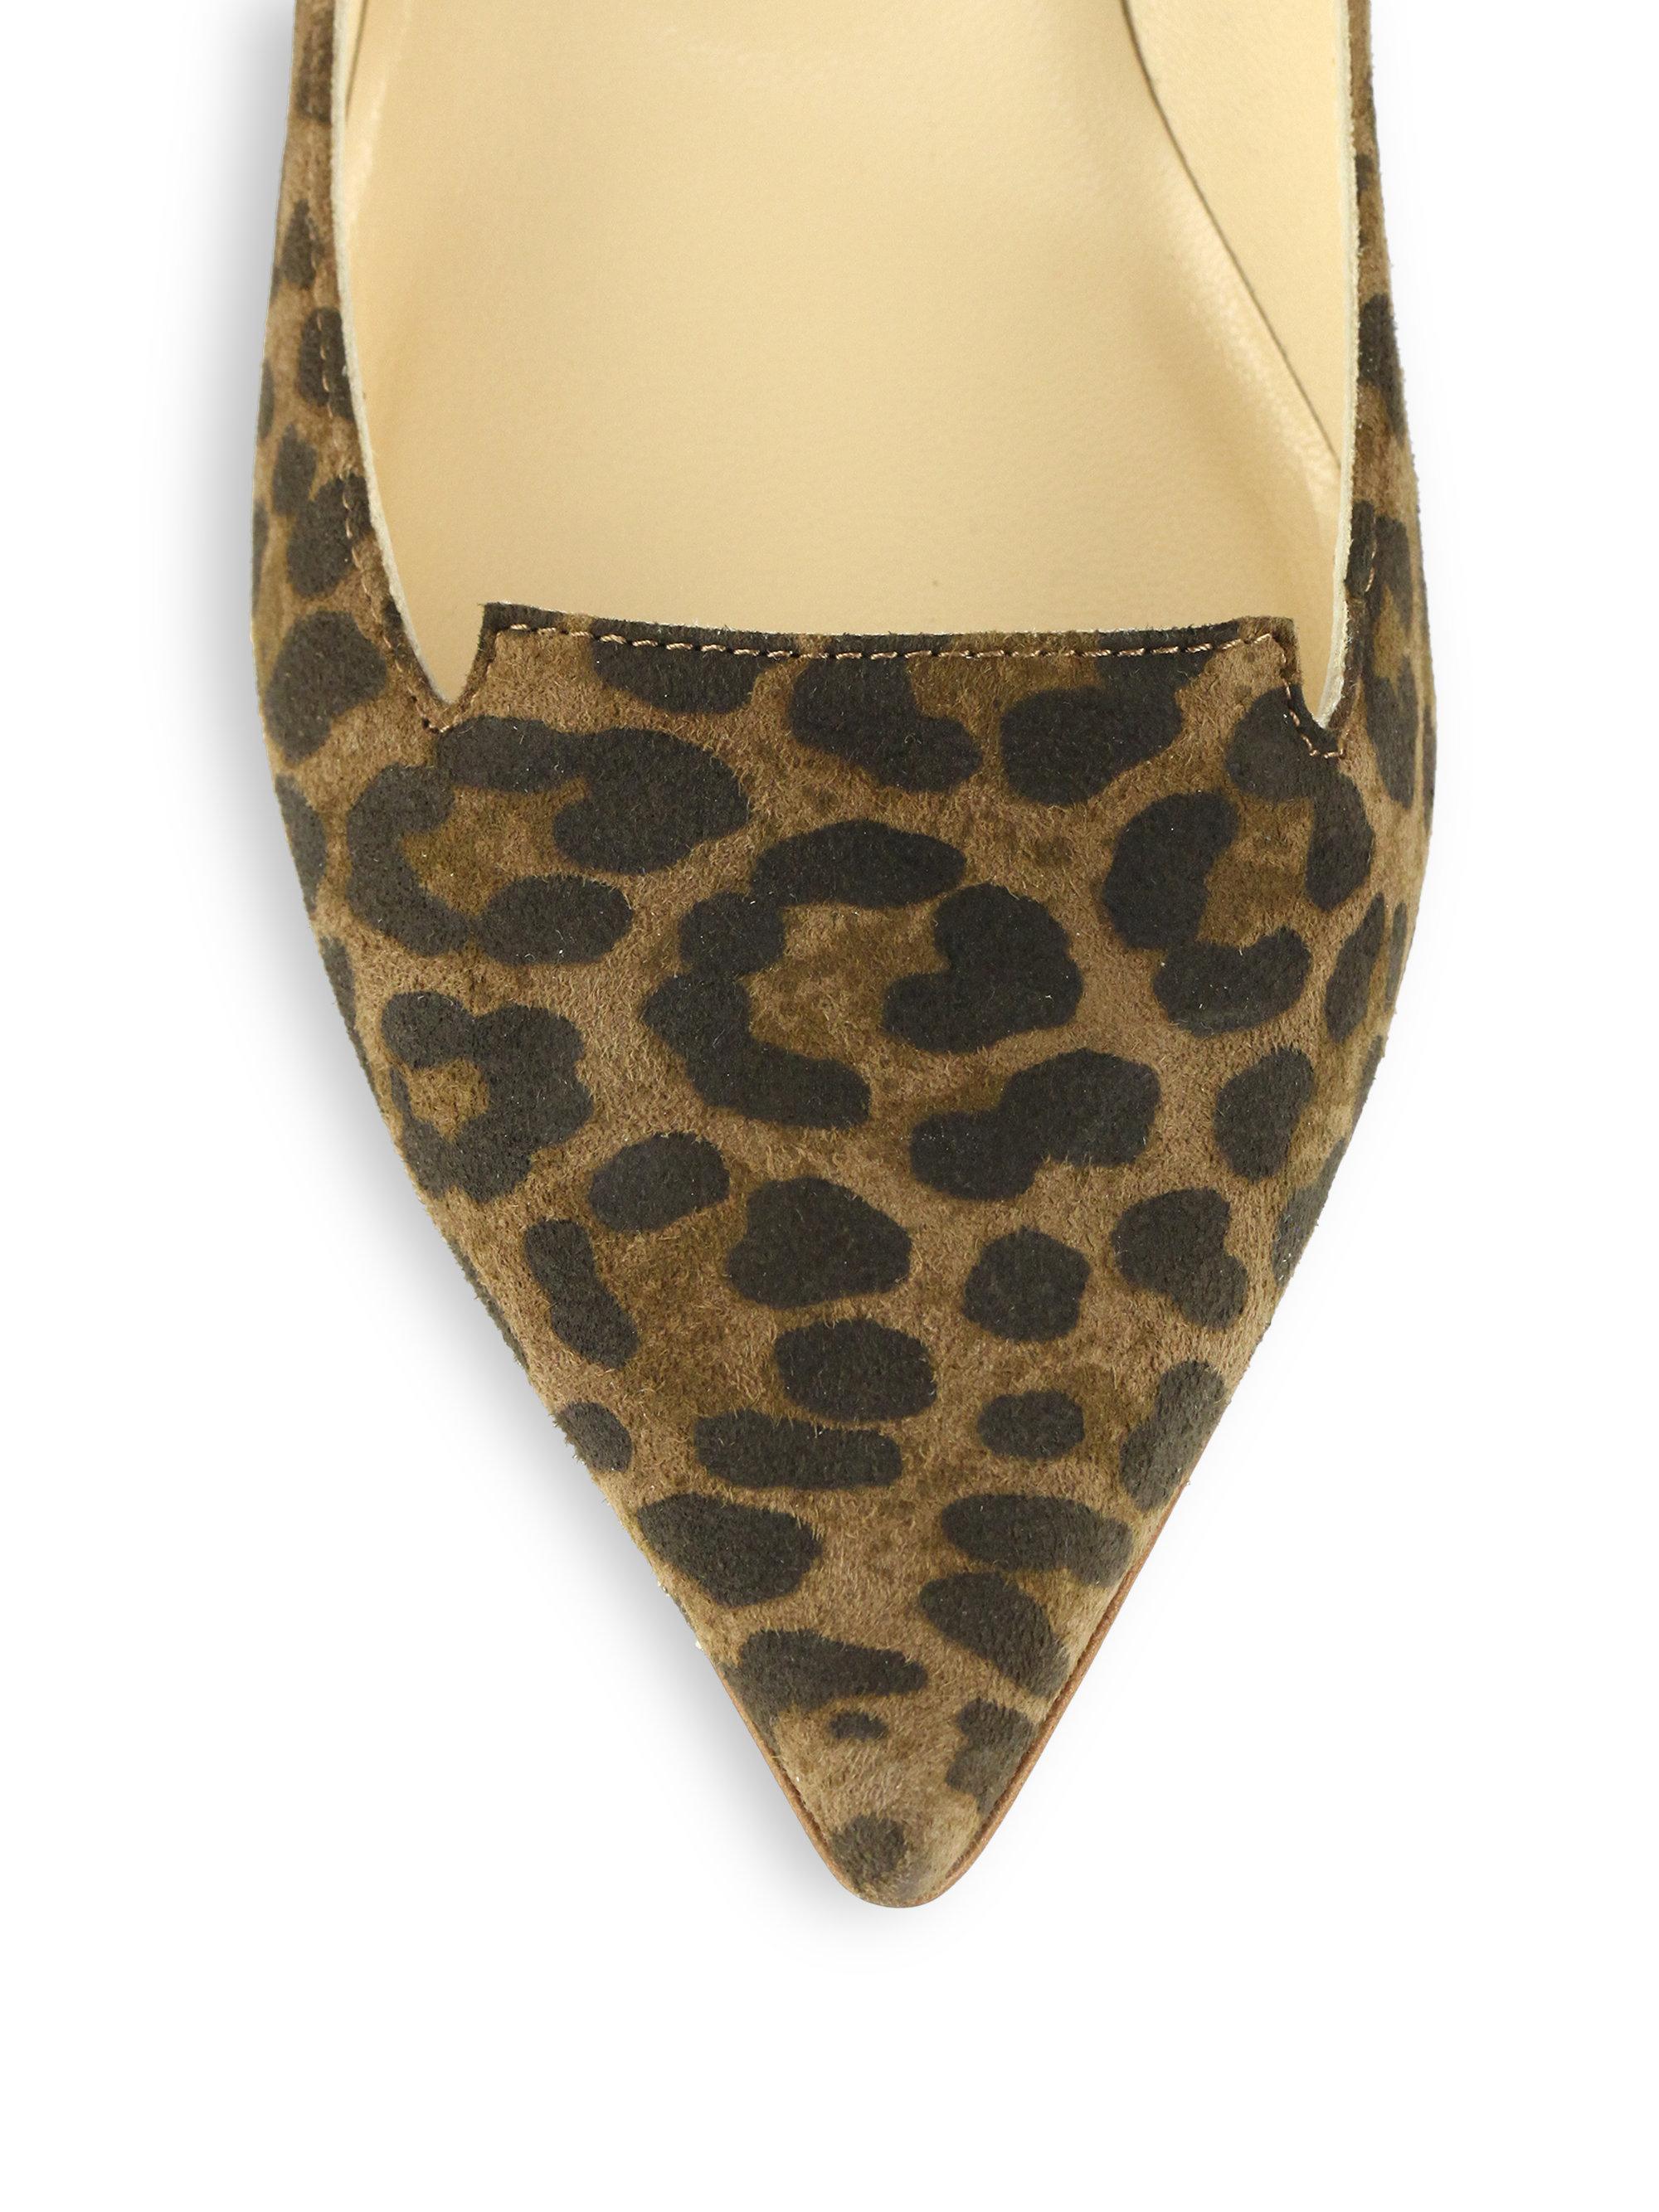 67b9d643707 Jimmy Choo Allure Leopard Suede Kitten Heel Pumps - Lyst